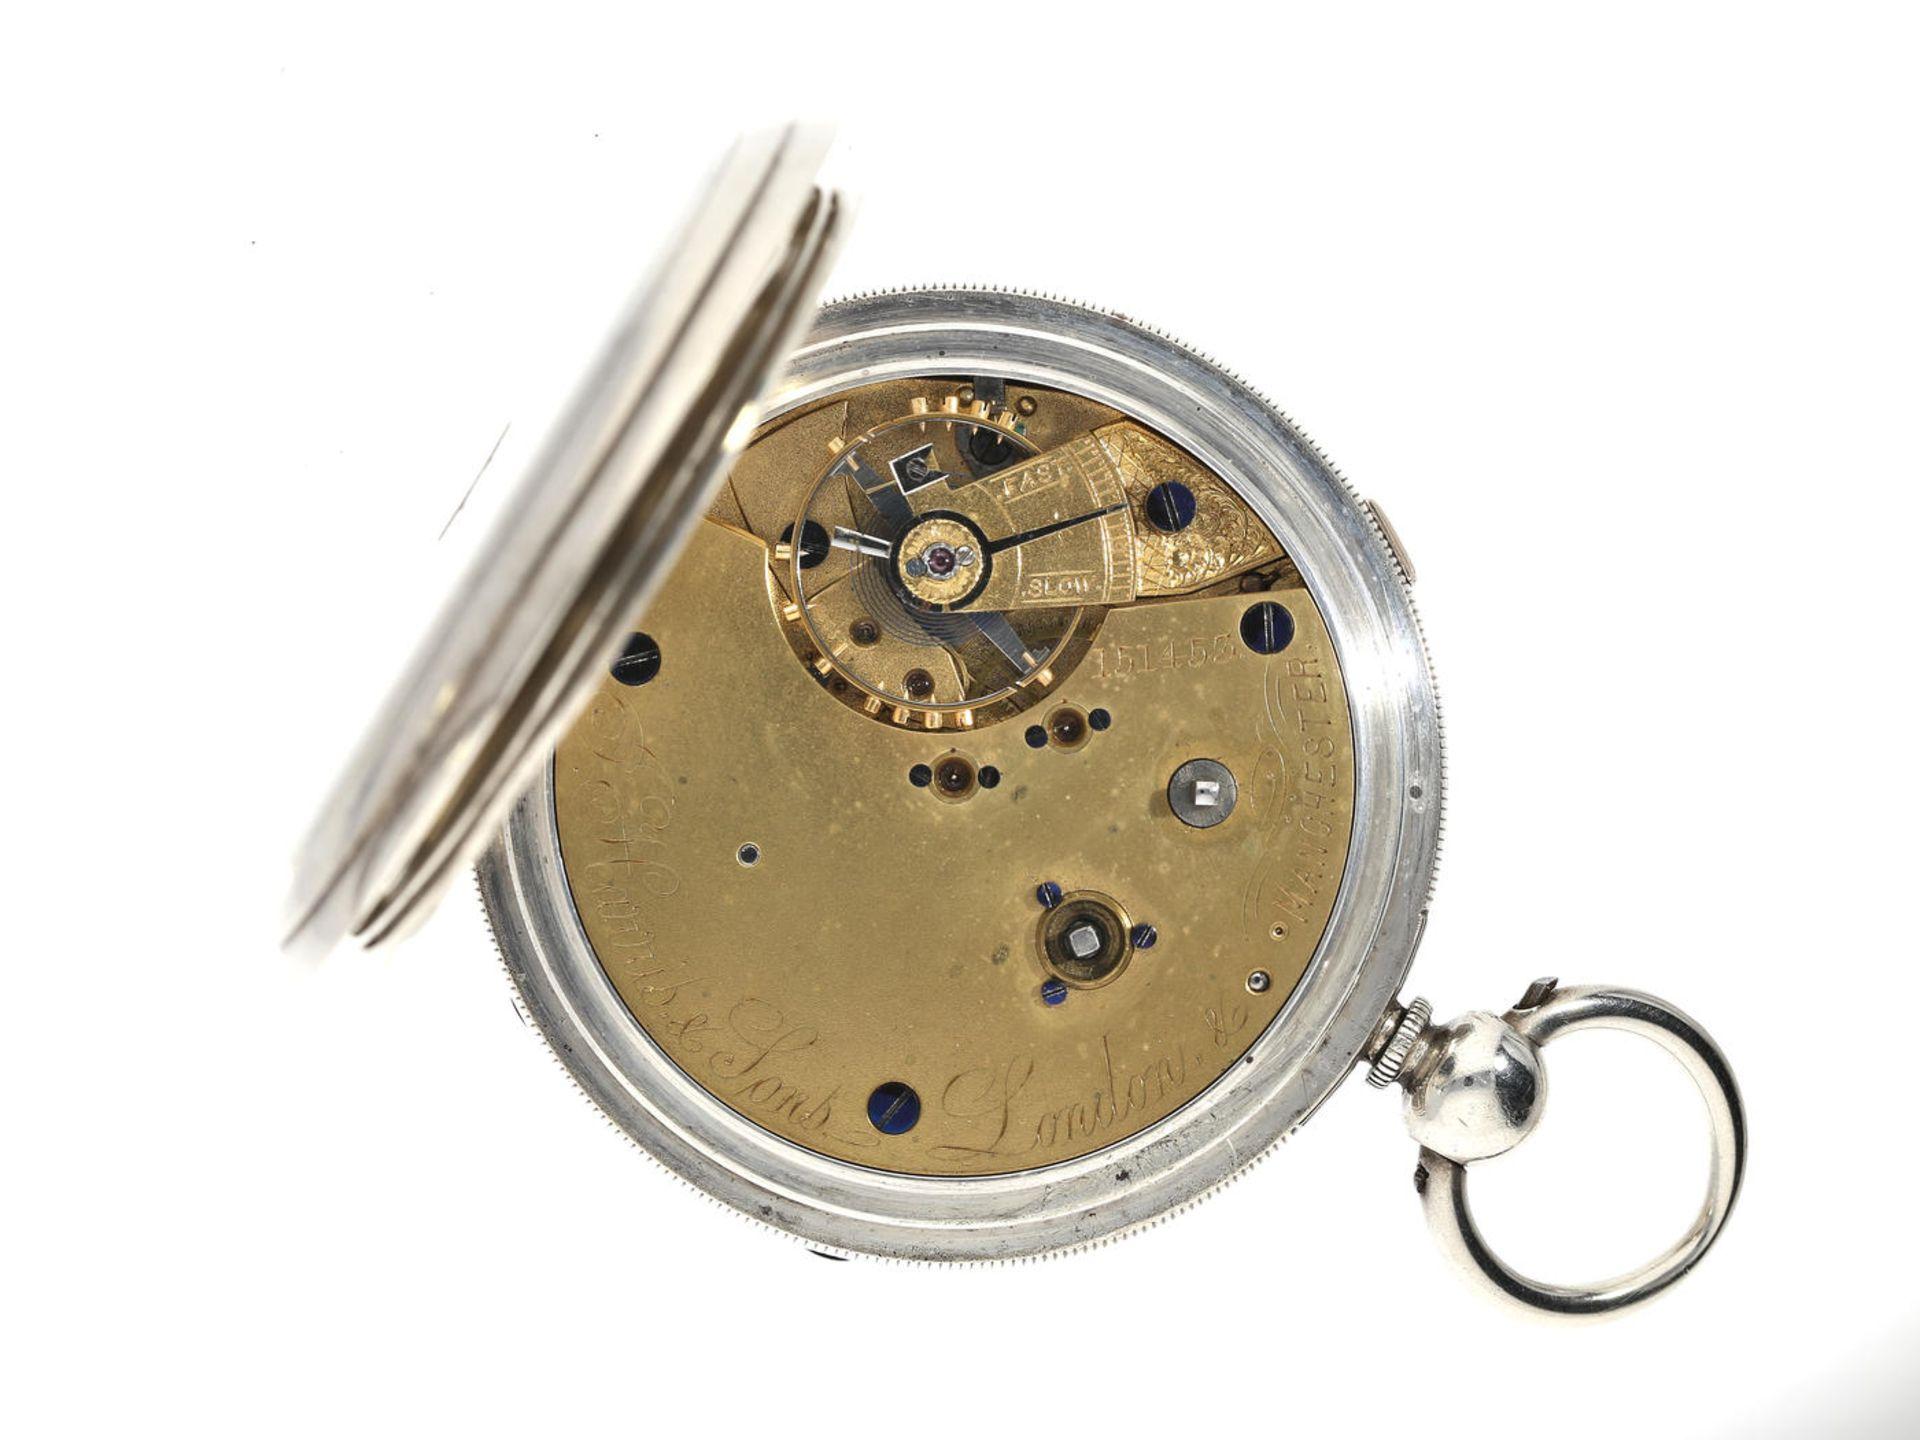 Taschenuhr: extrem schwere englische Beobachtungsuhr mit anhaltbarer Zentralsekunde, - Bild 2 aus 3